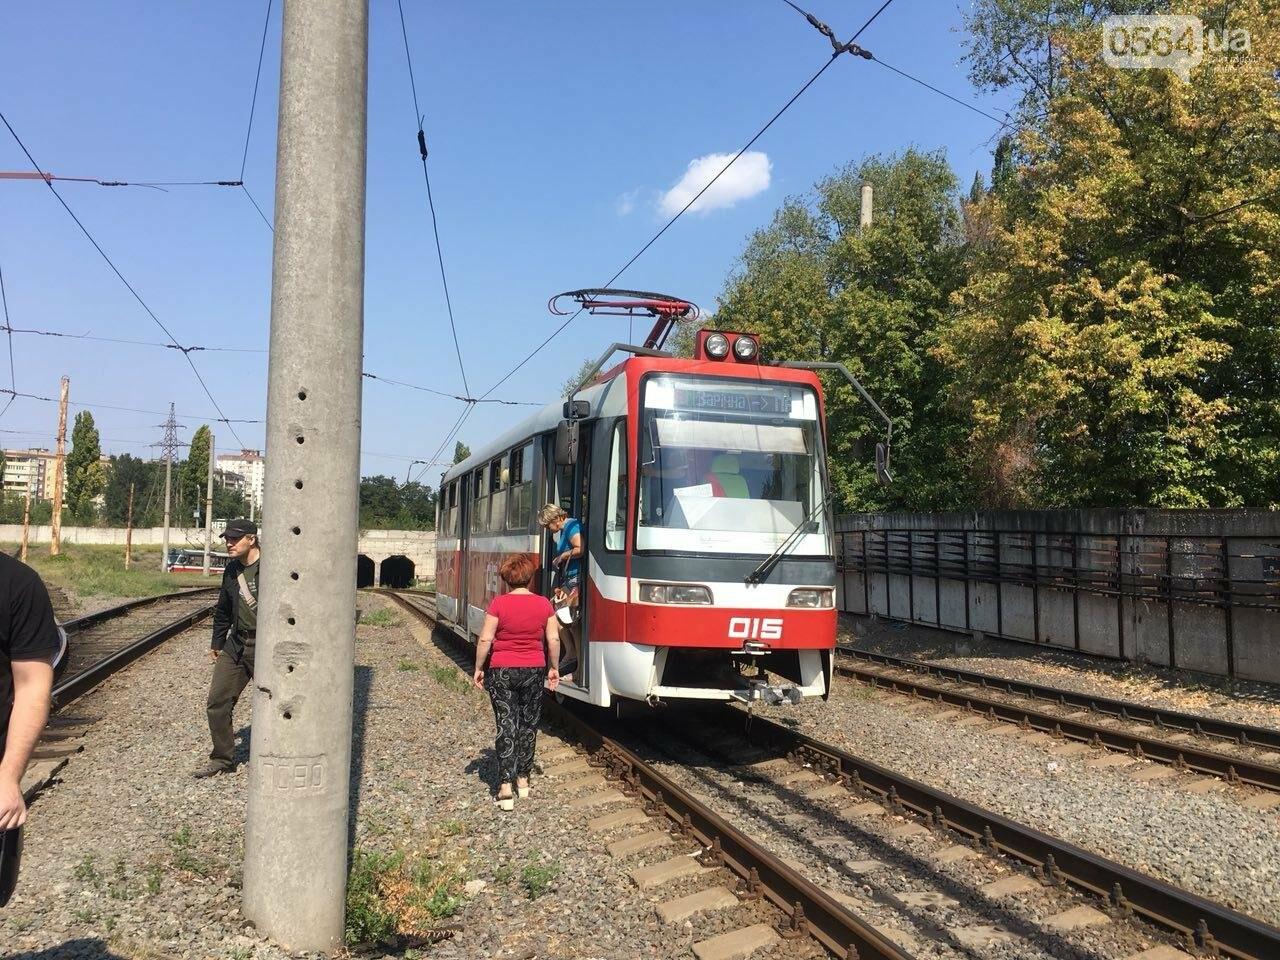 Из-за поломки скоростного трамвая, криворожане шли до ближайшей станции по рельсам, - ФОТО , фото-7